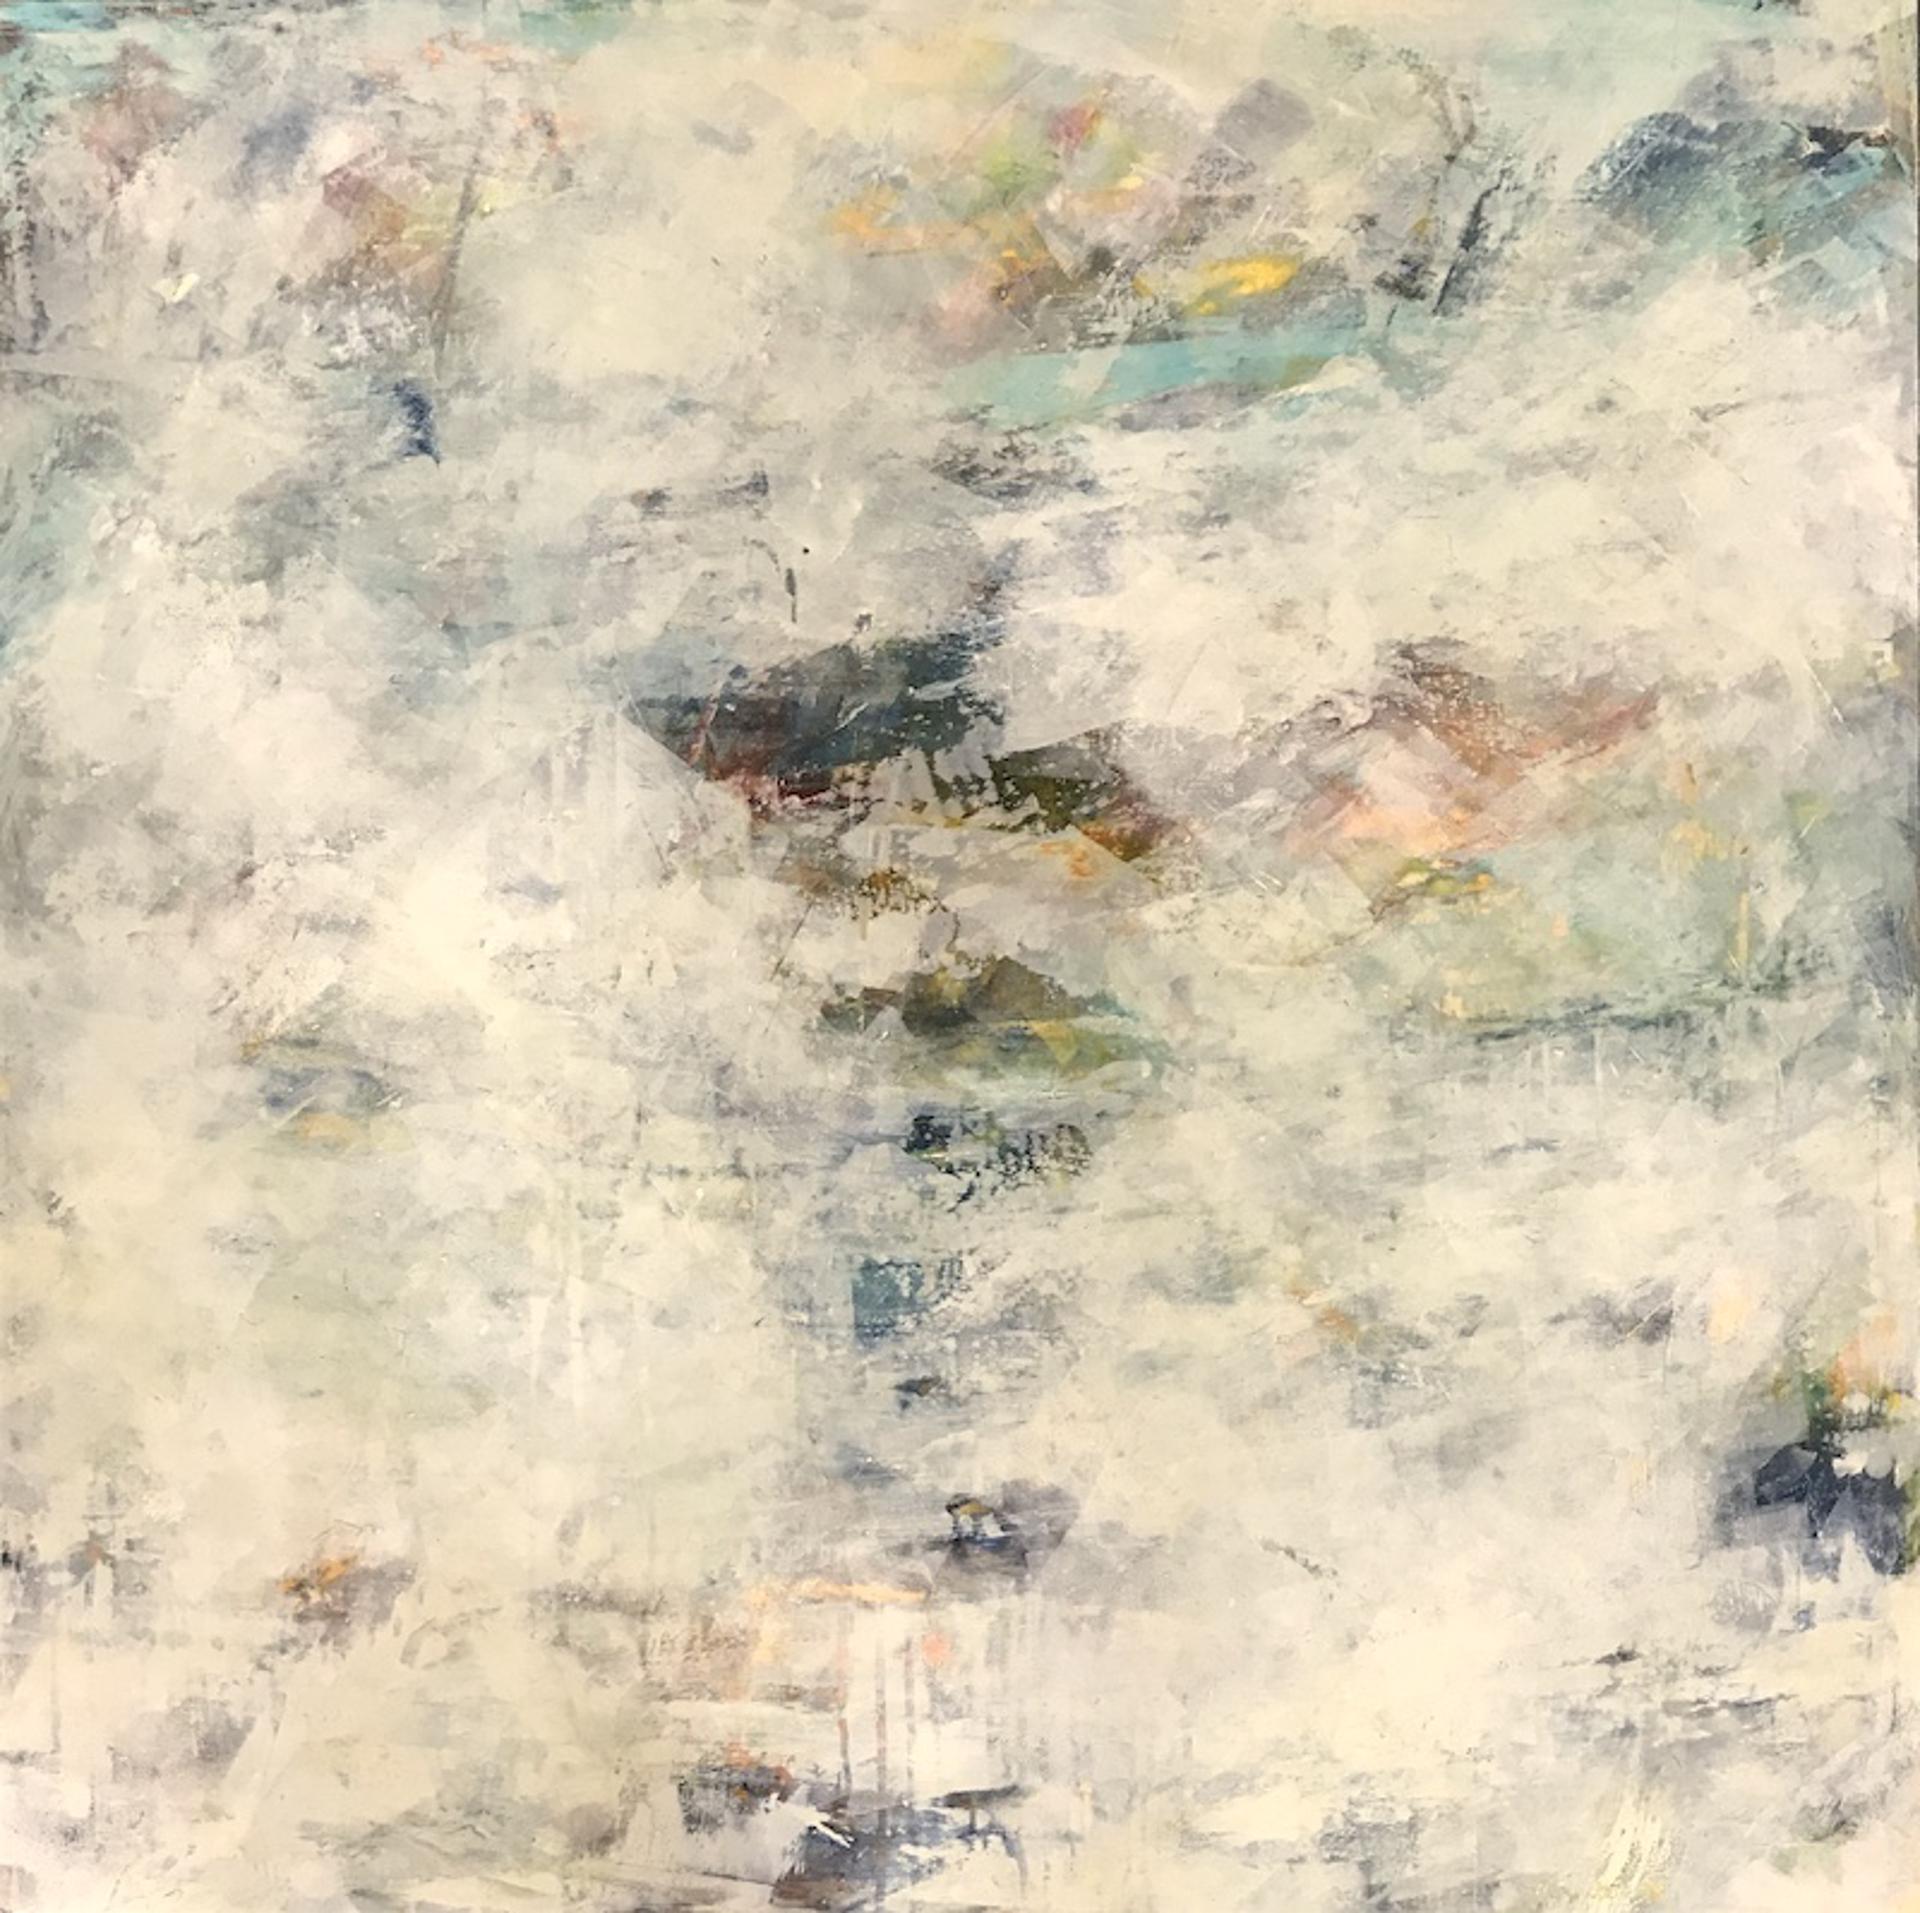 Fog on the Bay by Cindy Walton